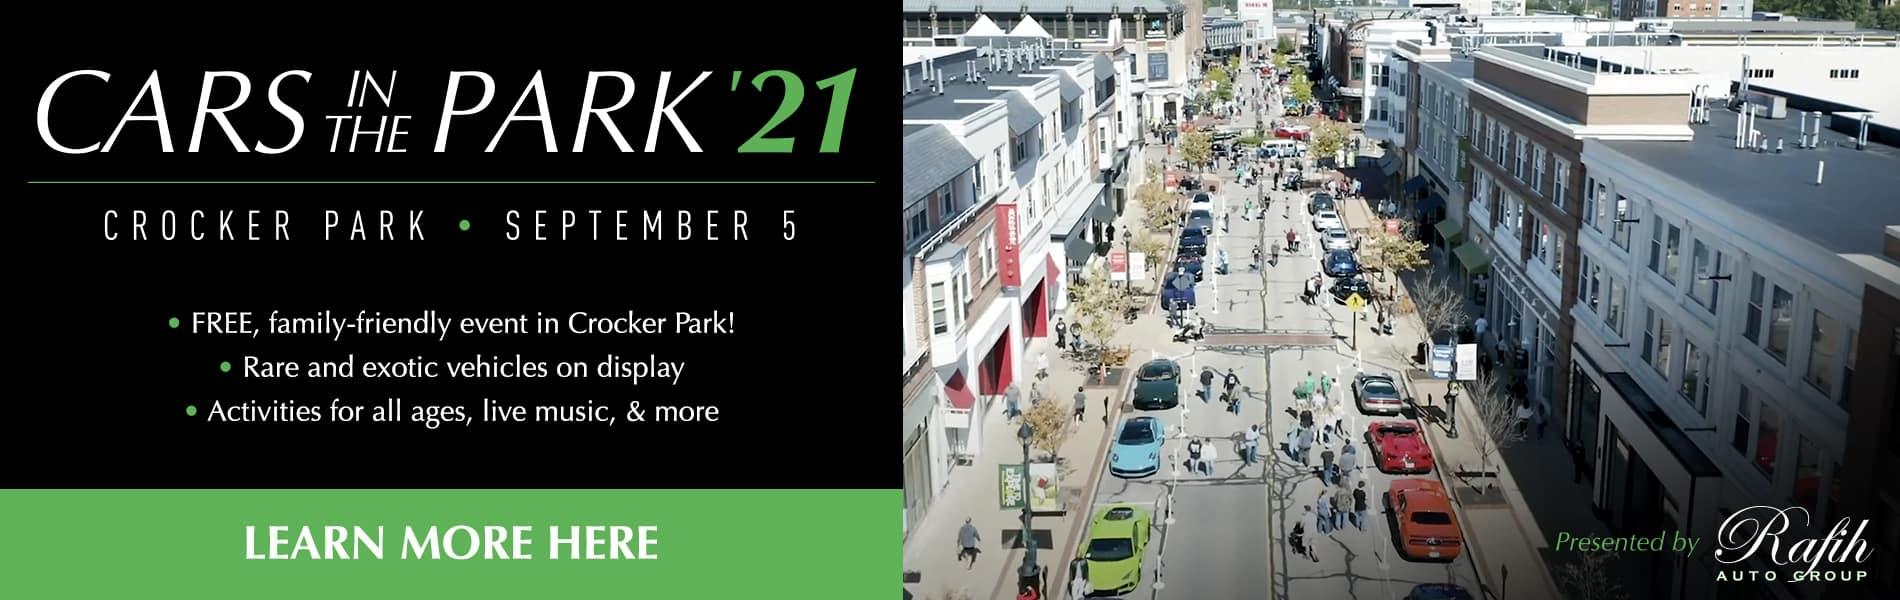 Cars in the Park '21 September 5 Crocker Park